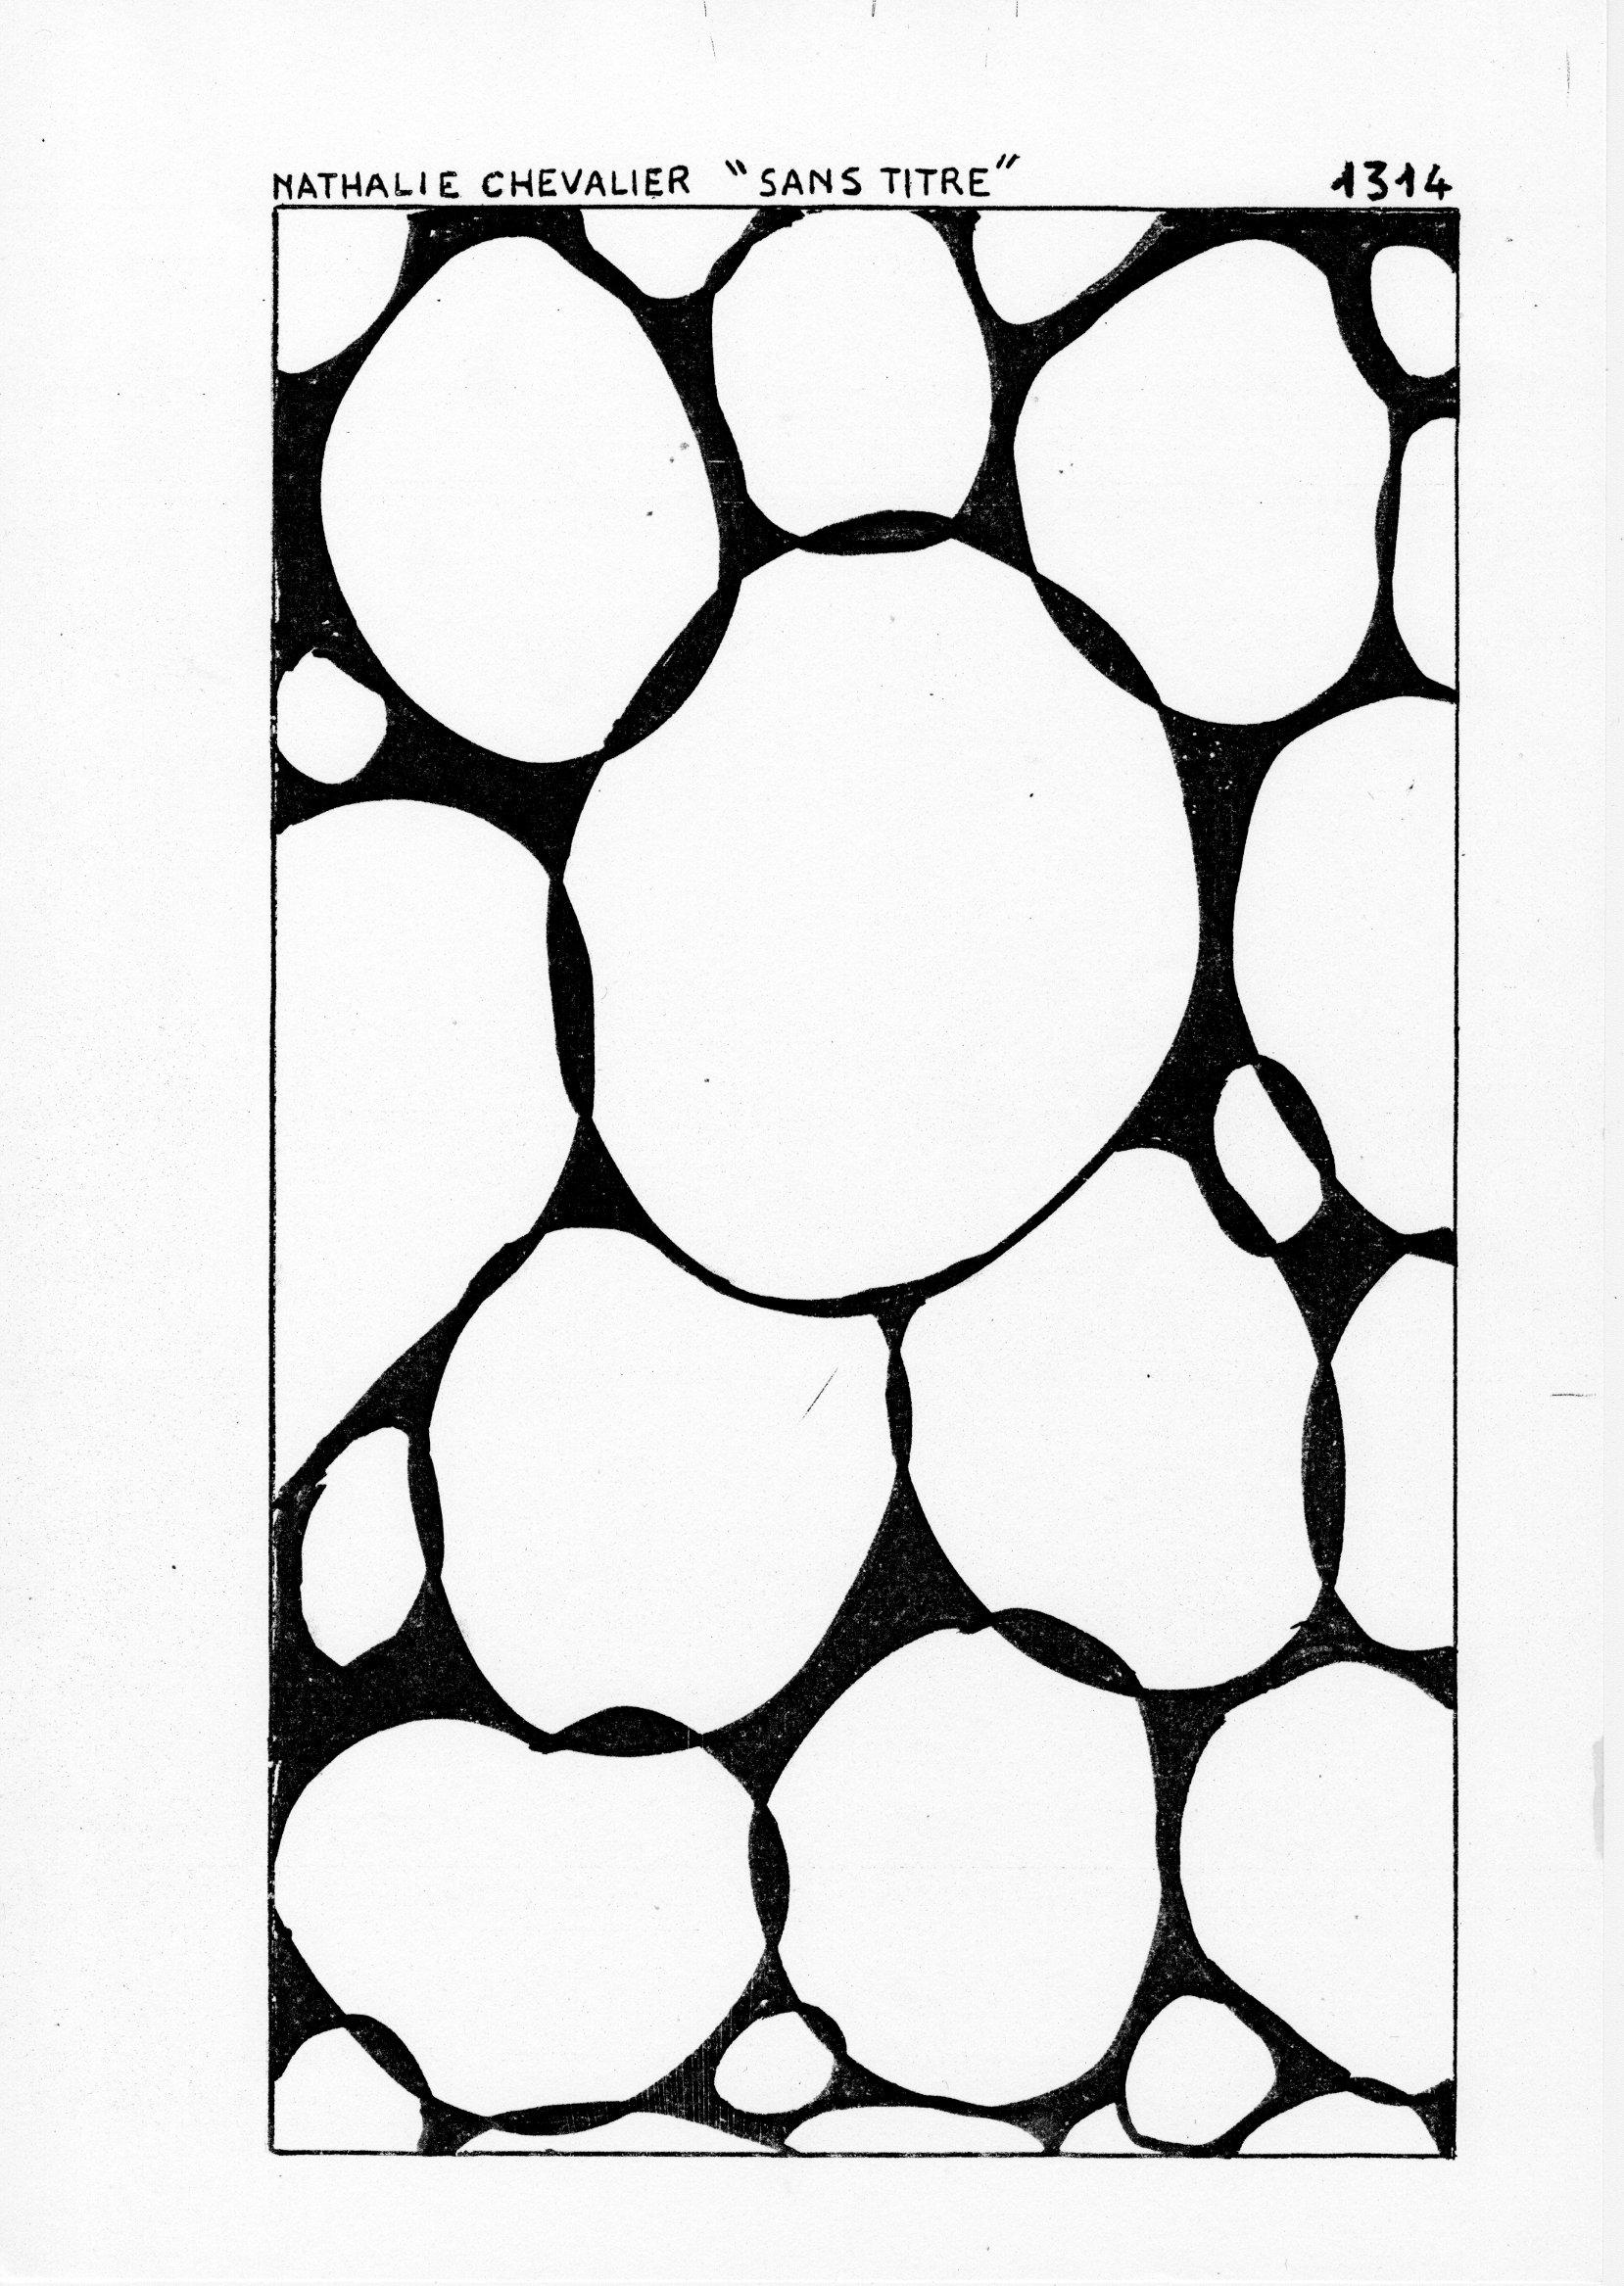 page 1314 N. Chevalier SANS TITRE